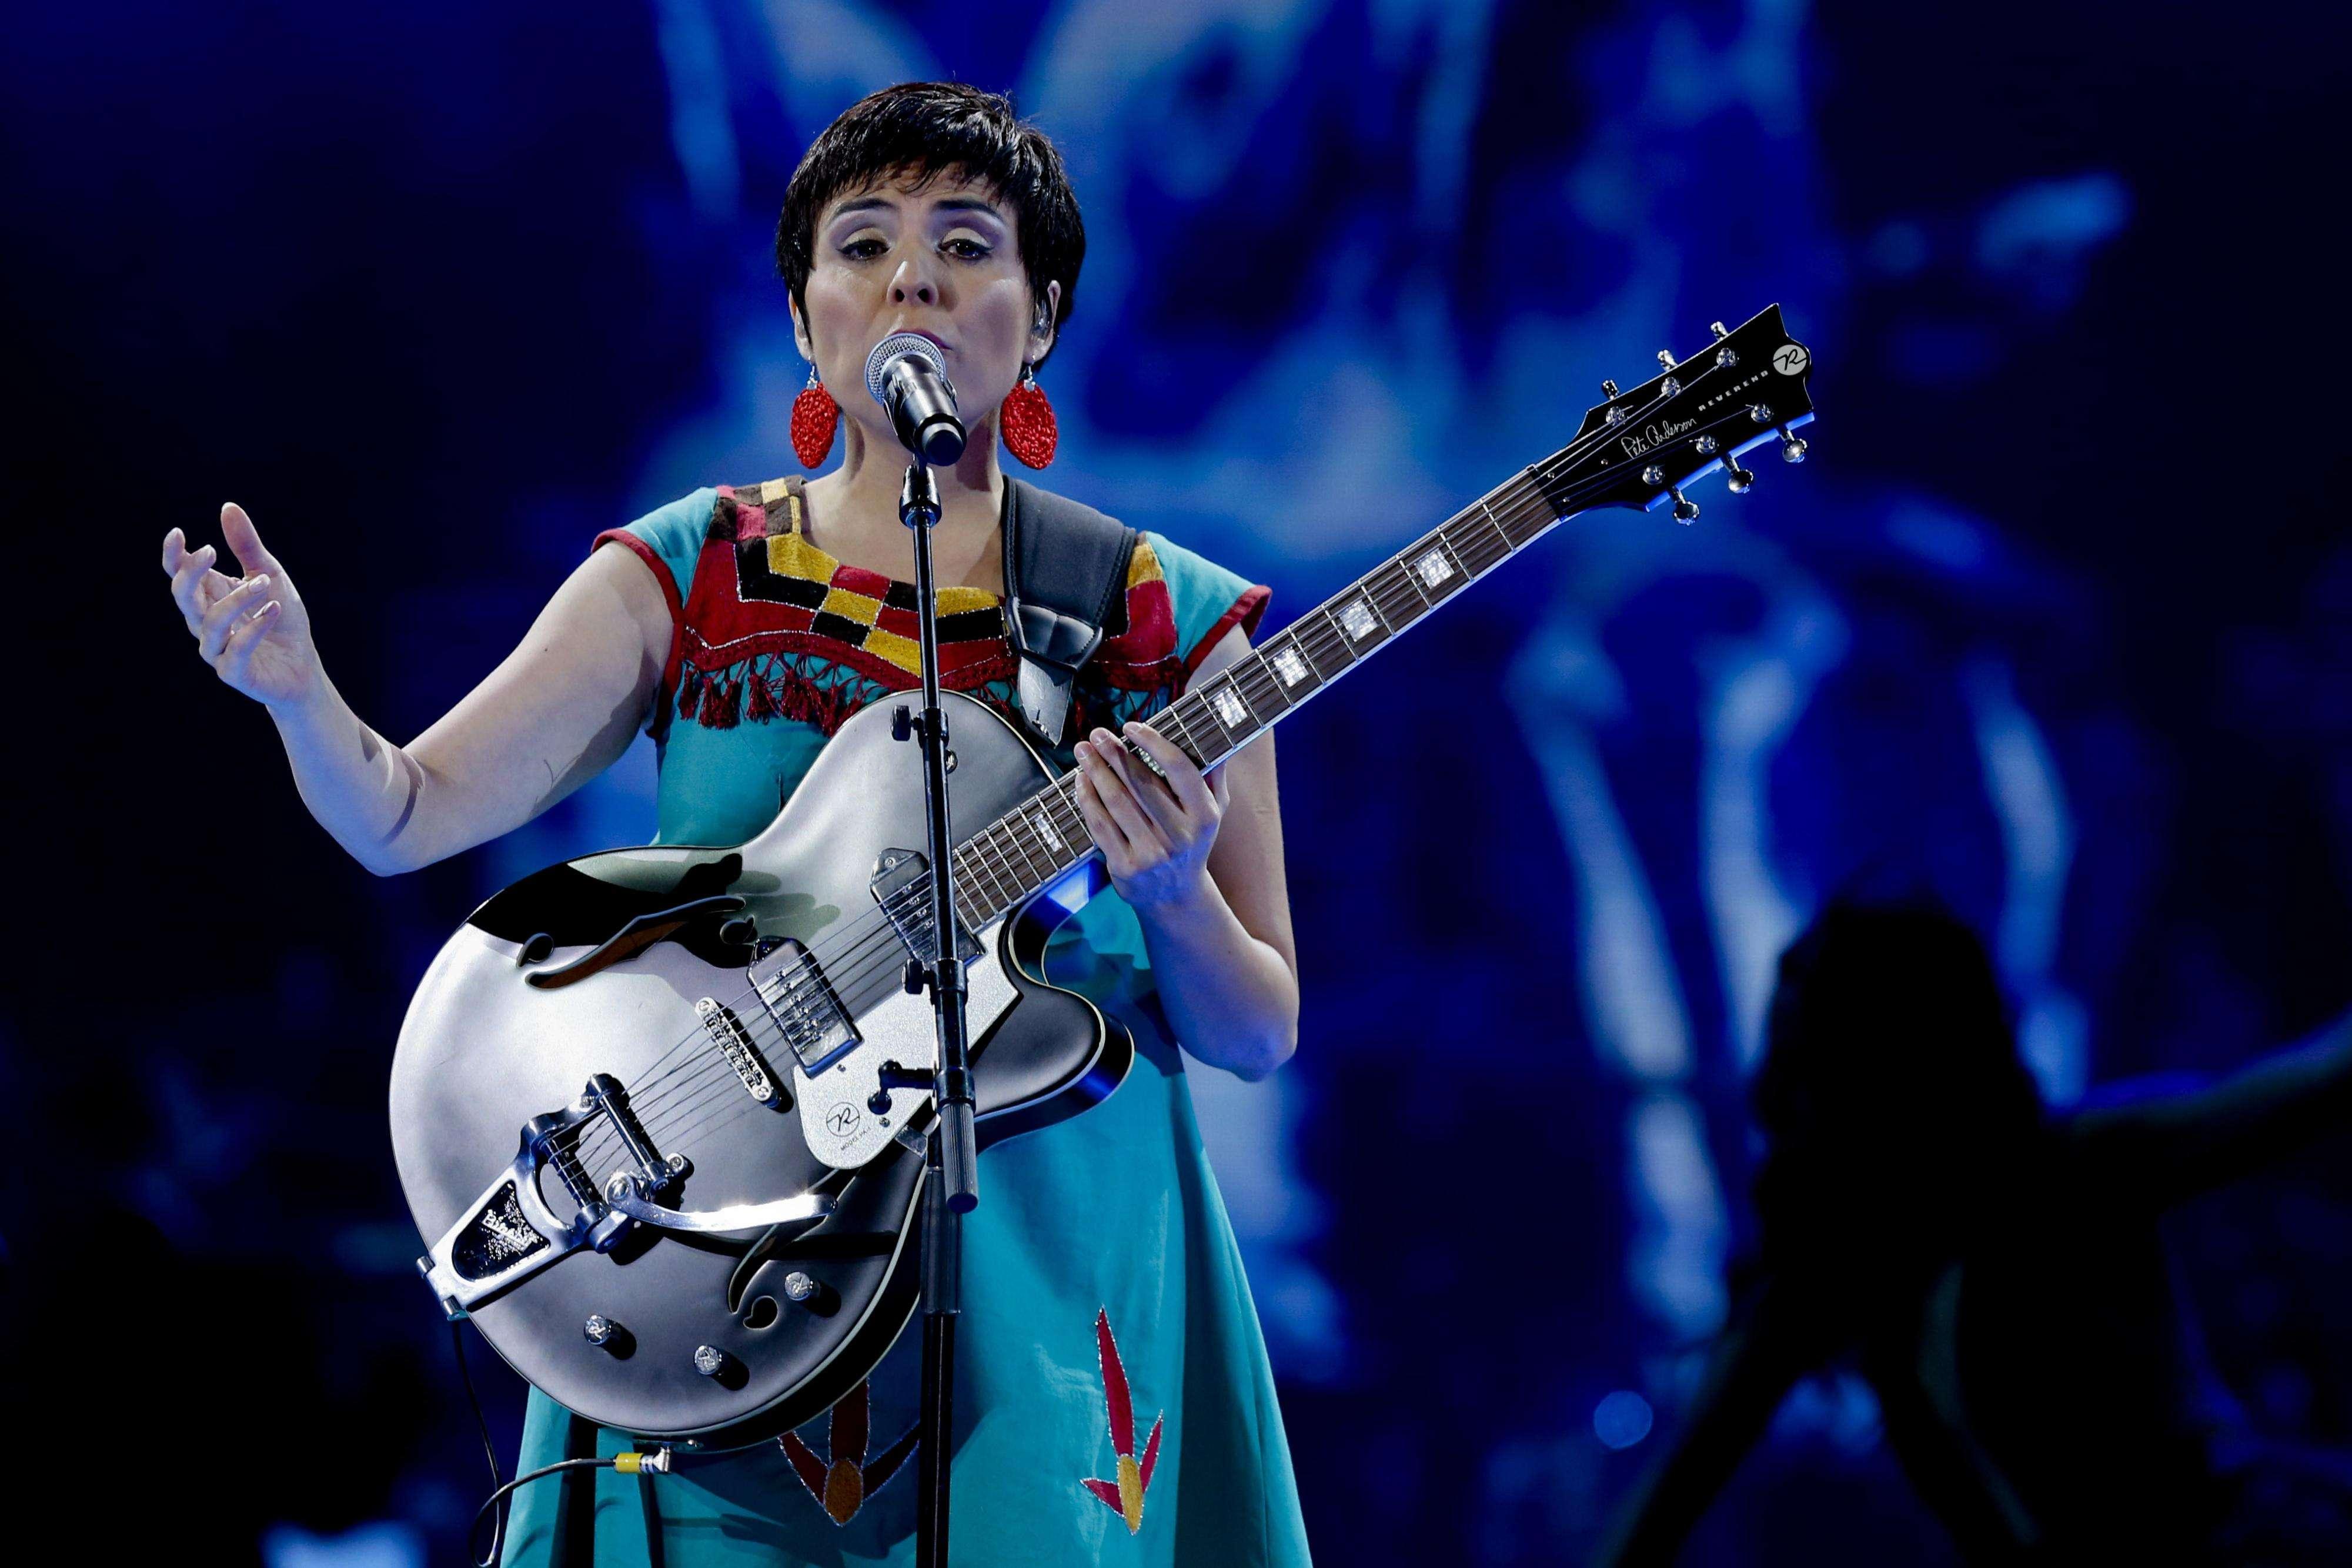 La representante de CHILE Elizabeth Morris , durante la Competencia Folclorica de la cuarta noche de la 56º Festival Internacional de la Canción de Viña del Mar, realizado en la Quinta Vergara. Foto: Agencia UNO